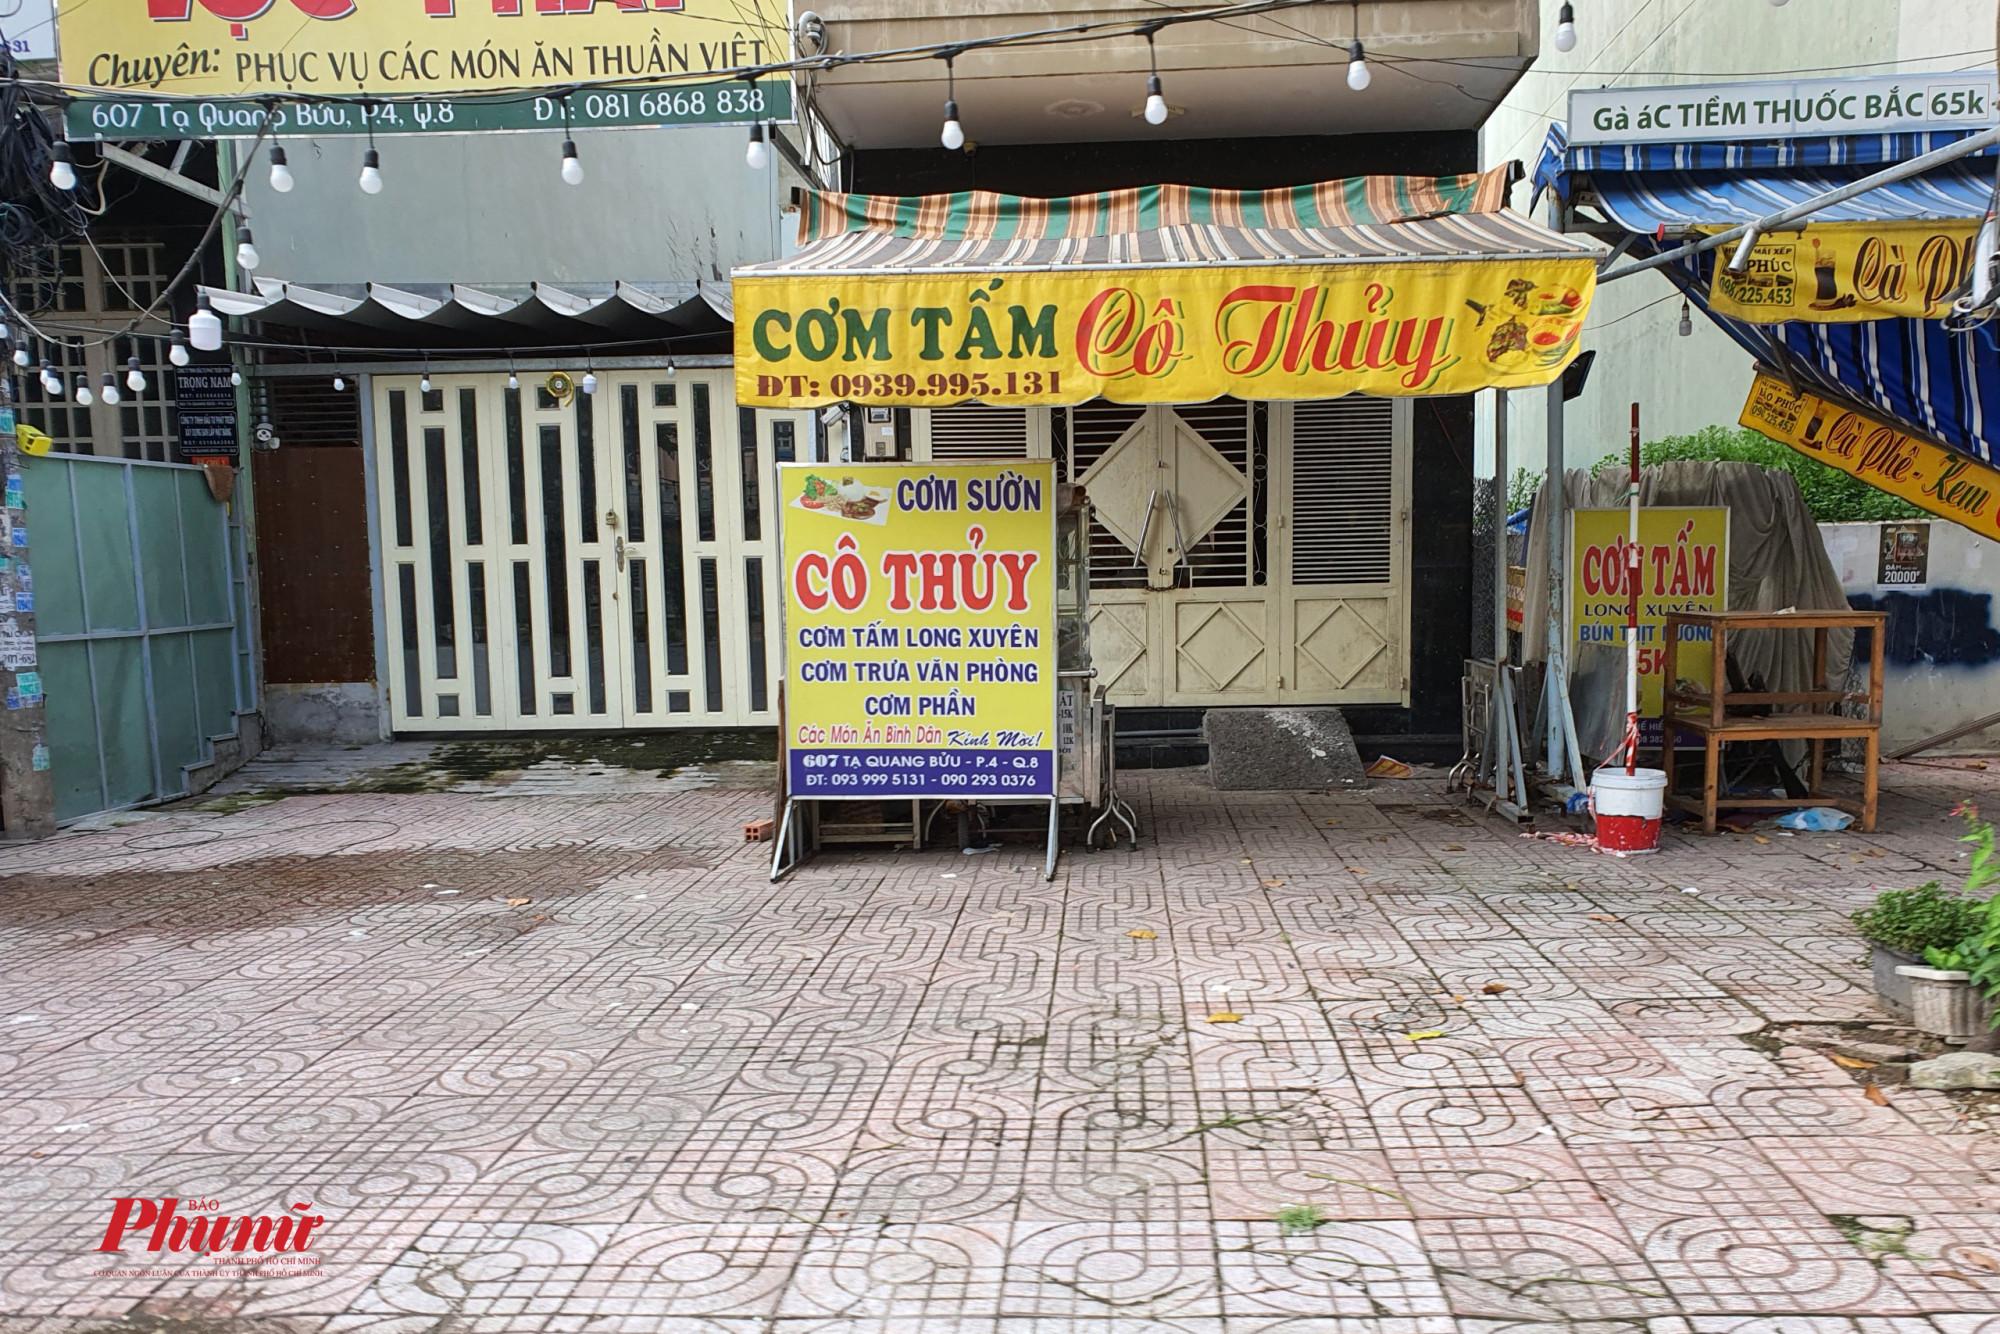 Nhiều cửa hàng trong khu dân cư, nhưng vẫn chưa có dấu hiệu hoạt động, khi nguồn nguyên liệu đang rất hạn chế và giá thành cũng khá cao